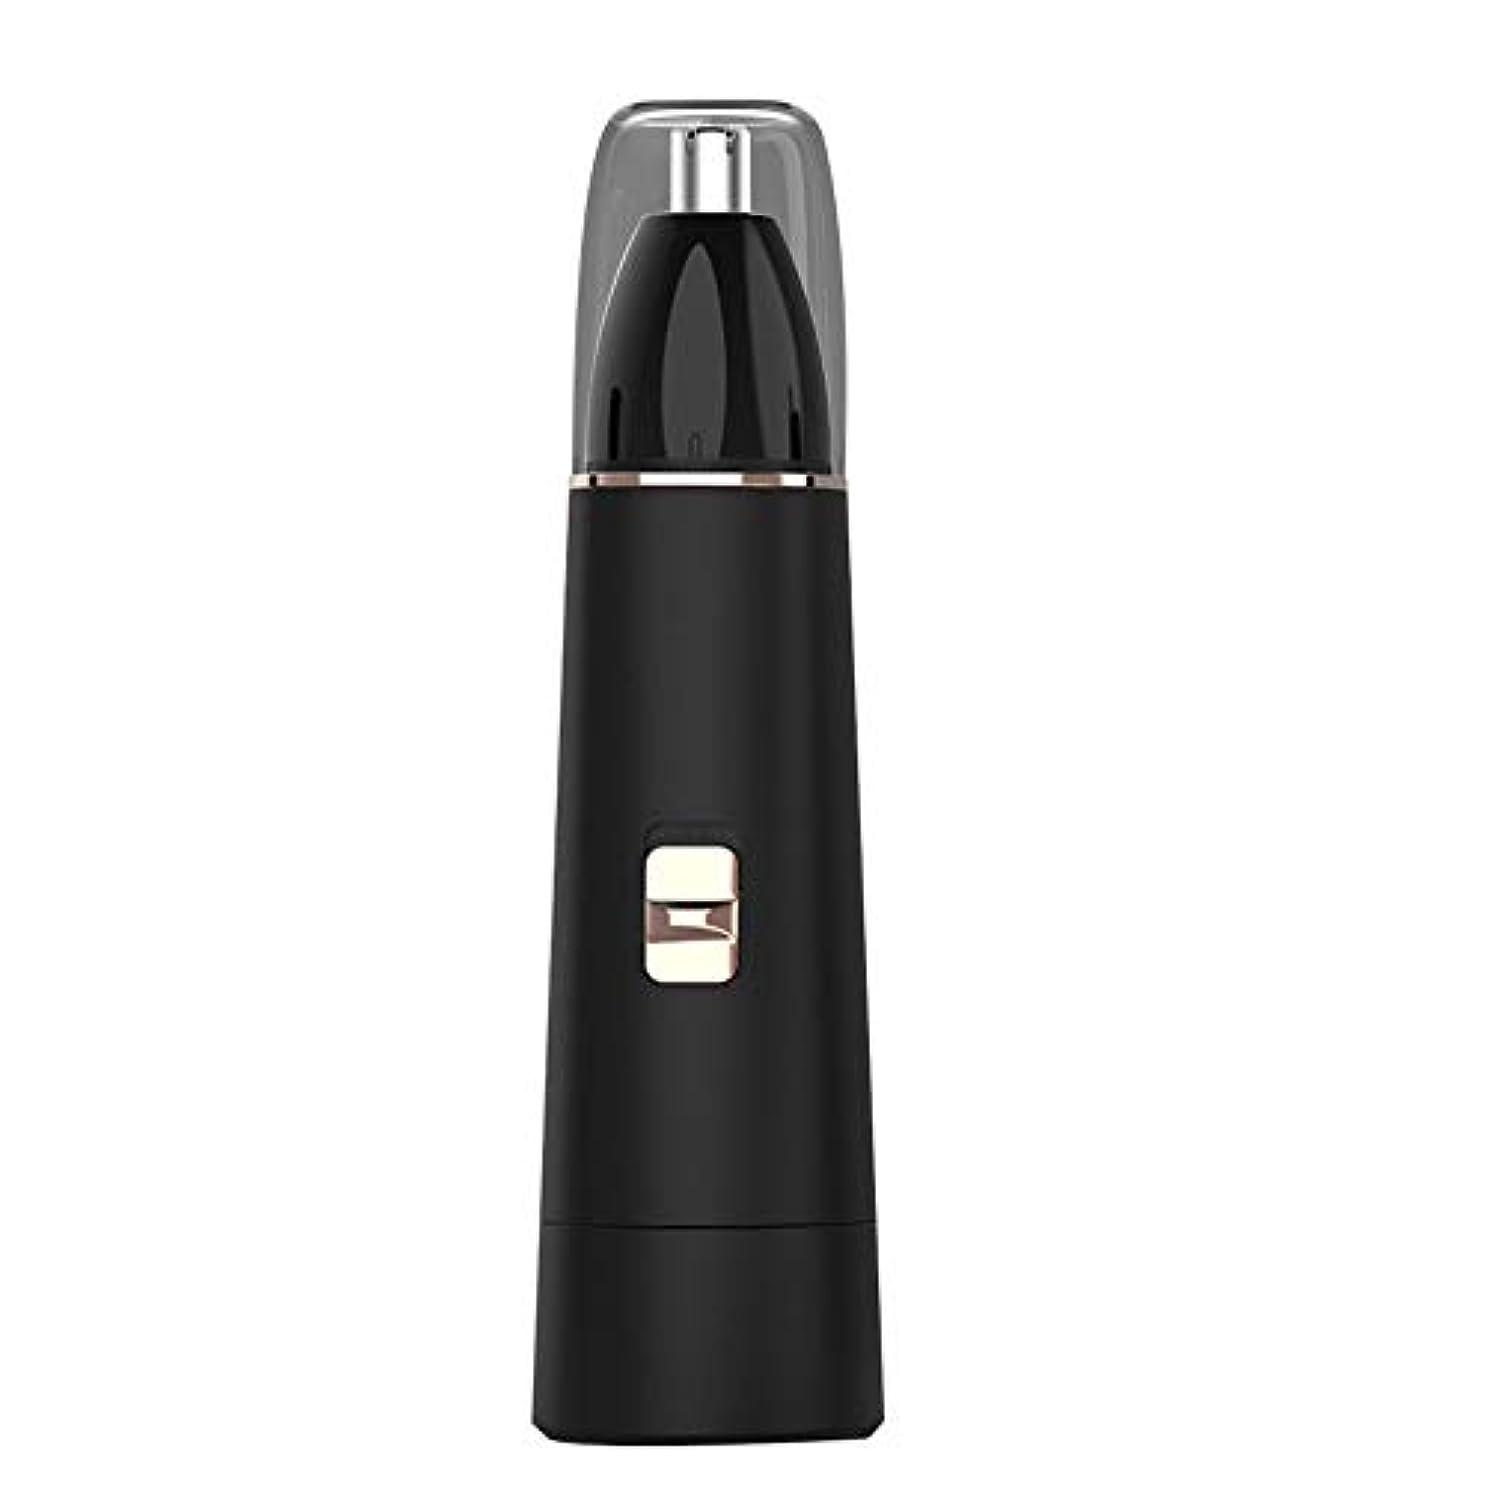 カプラー開示するエンゲージメント鼻毛トリマー-USB充電式電動鼻毛トリマー/ABS素材/多機能 持つ価値があります